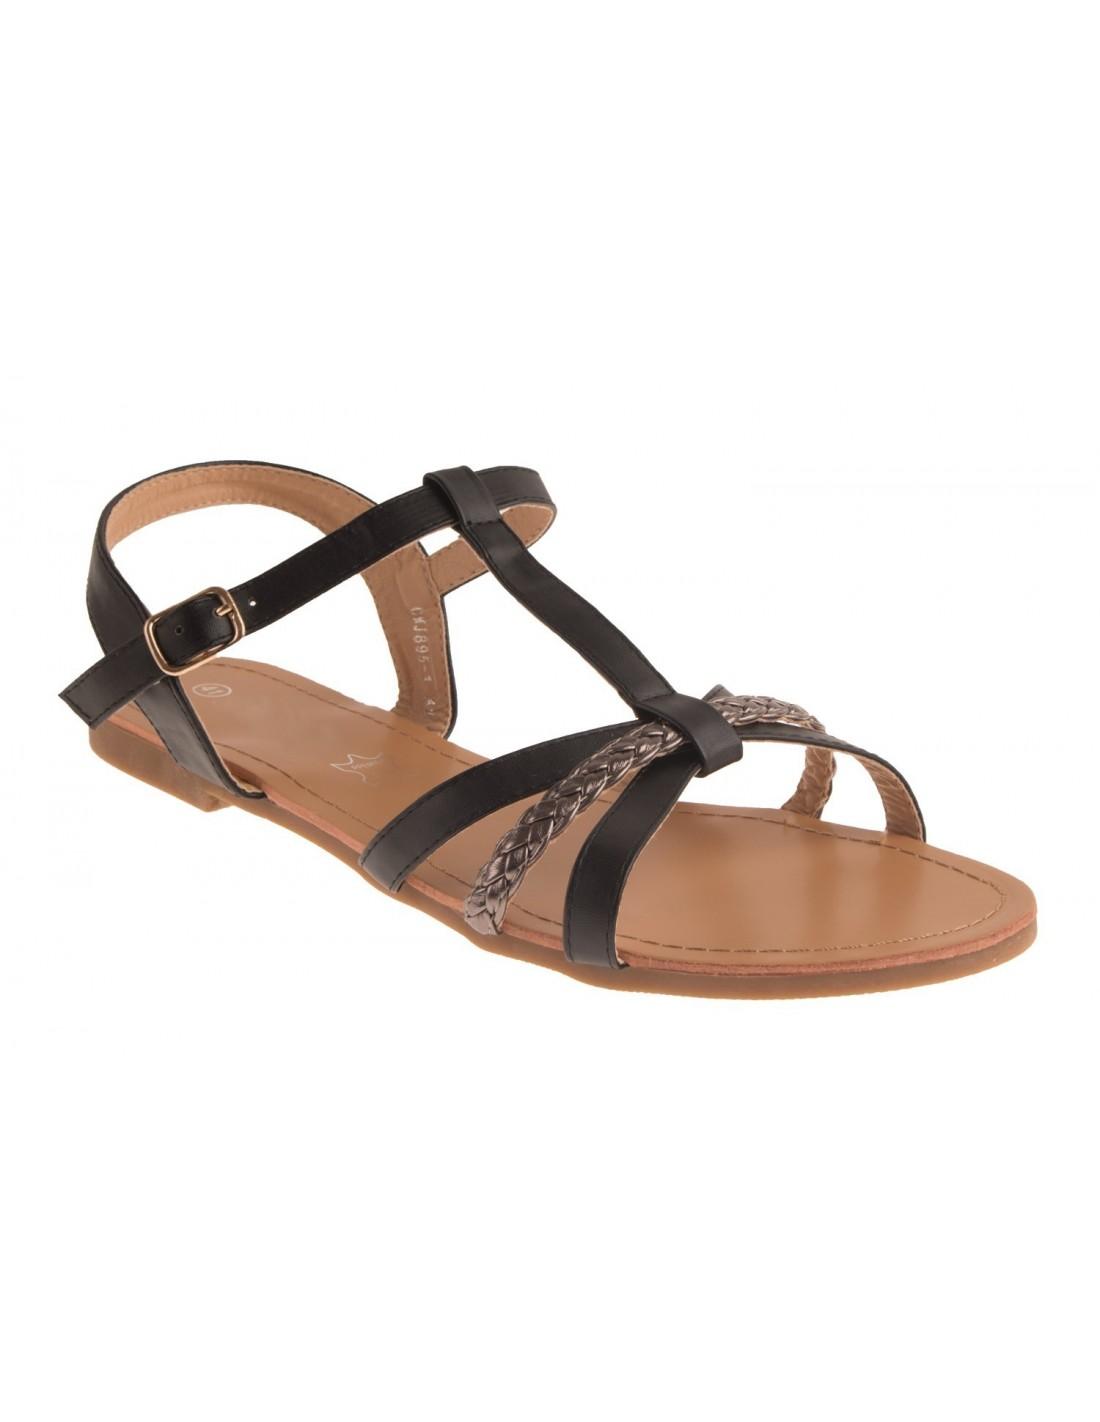 Sandales nus pied femme lanière noir & argent semelle cuir